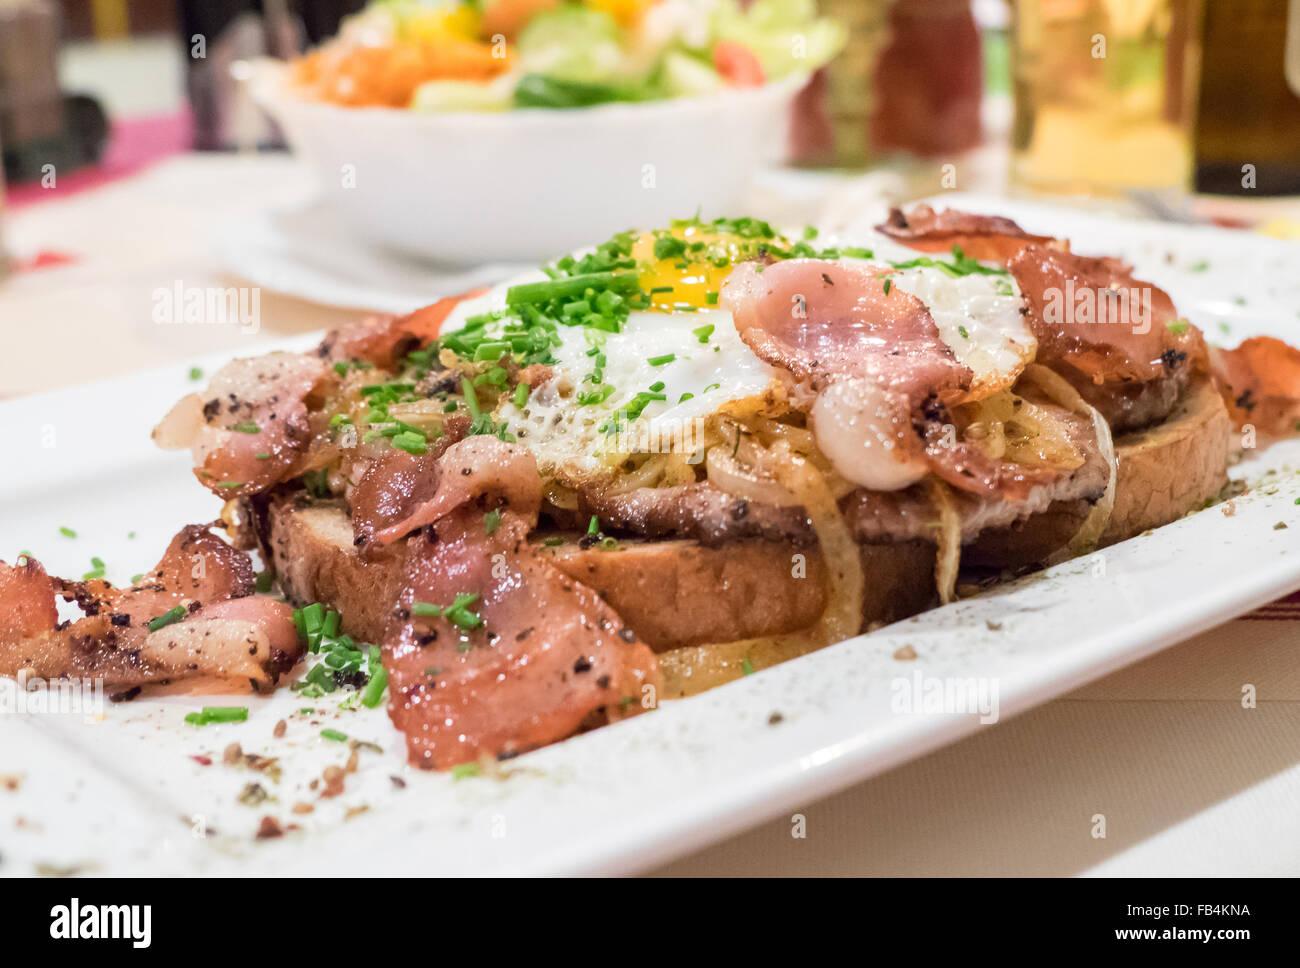 Bauerntoast preparati con carne, bacon, pane e uova cotte in cima, piatto tradizionale in Alto Adige e Sud Tirolo. Immagini Stock